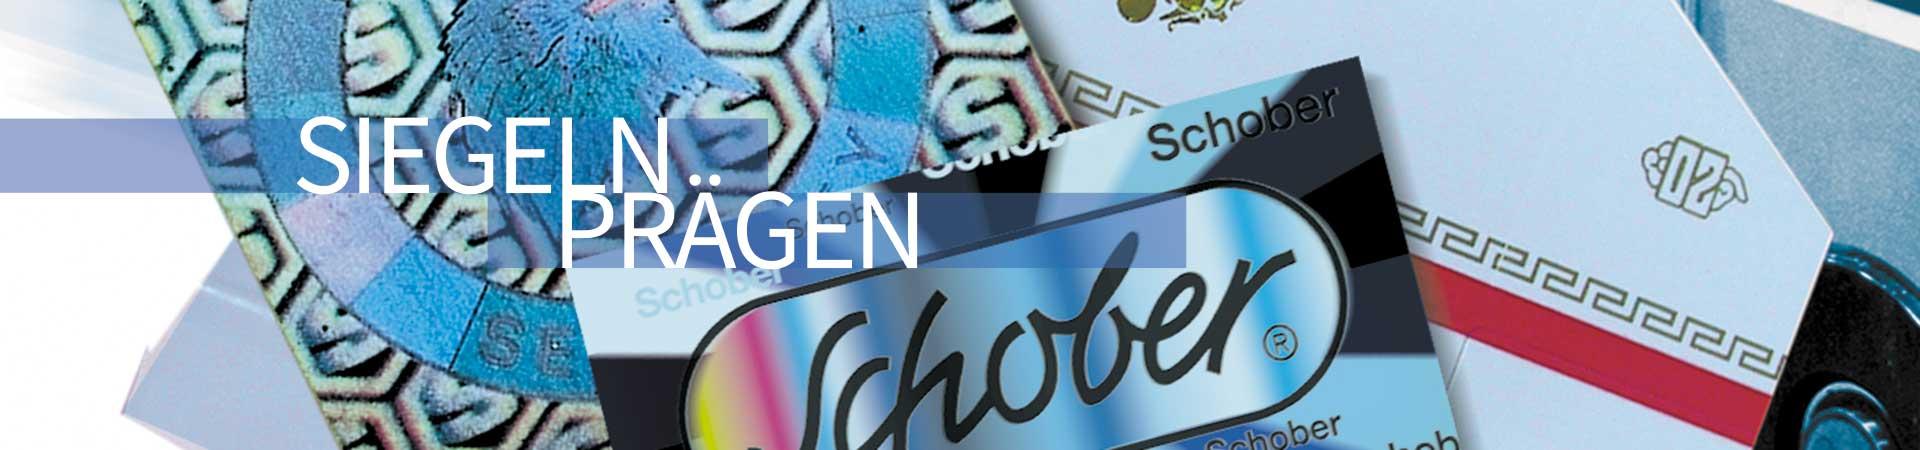 Siegeln-Praegen